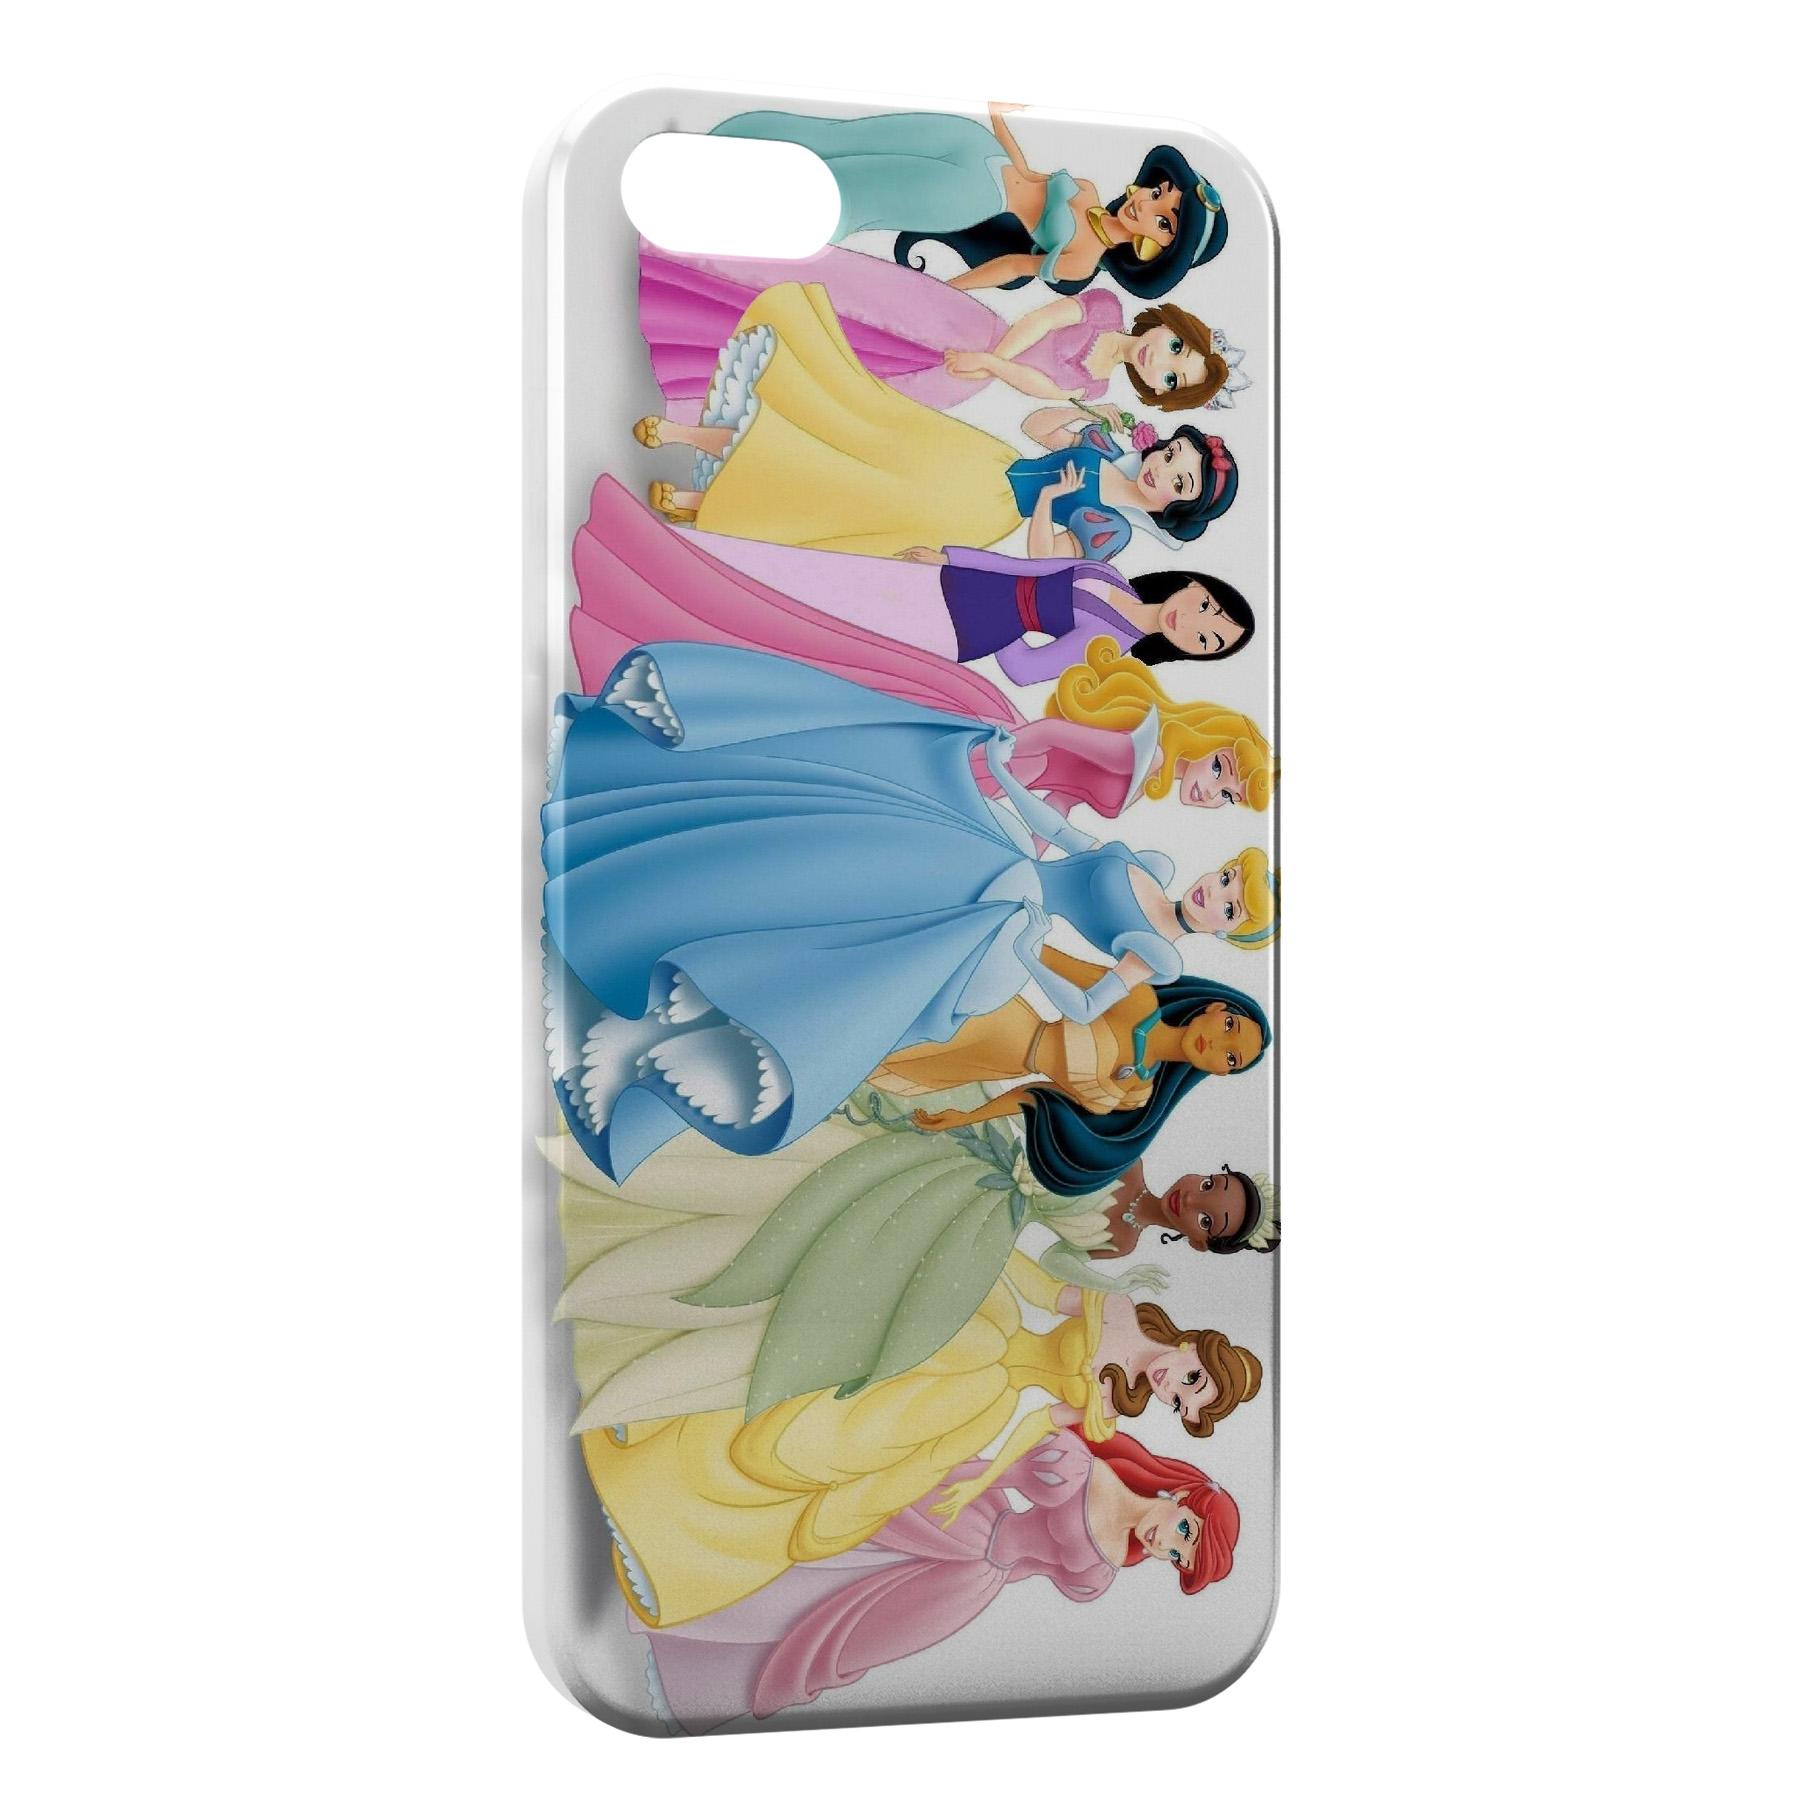 coque iphone 8 plus disney princesse